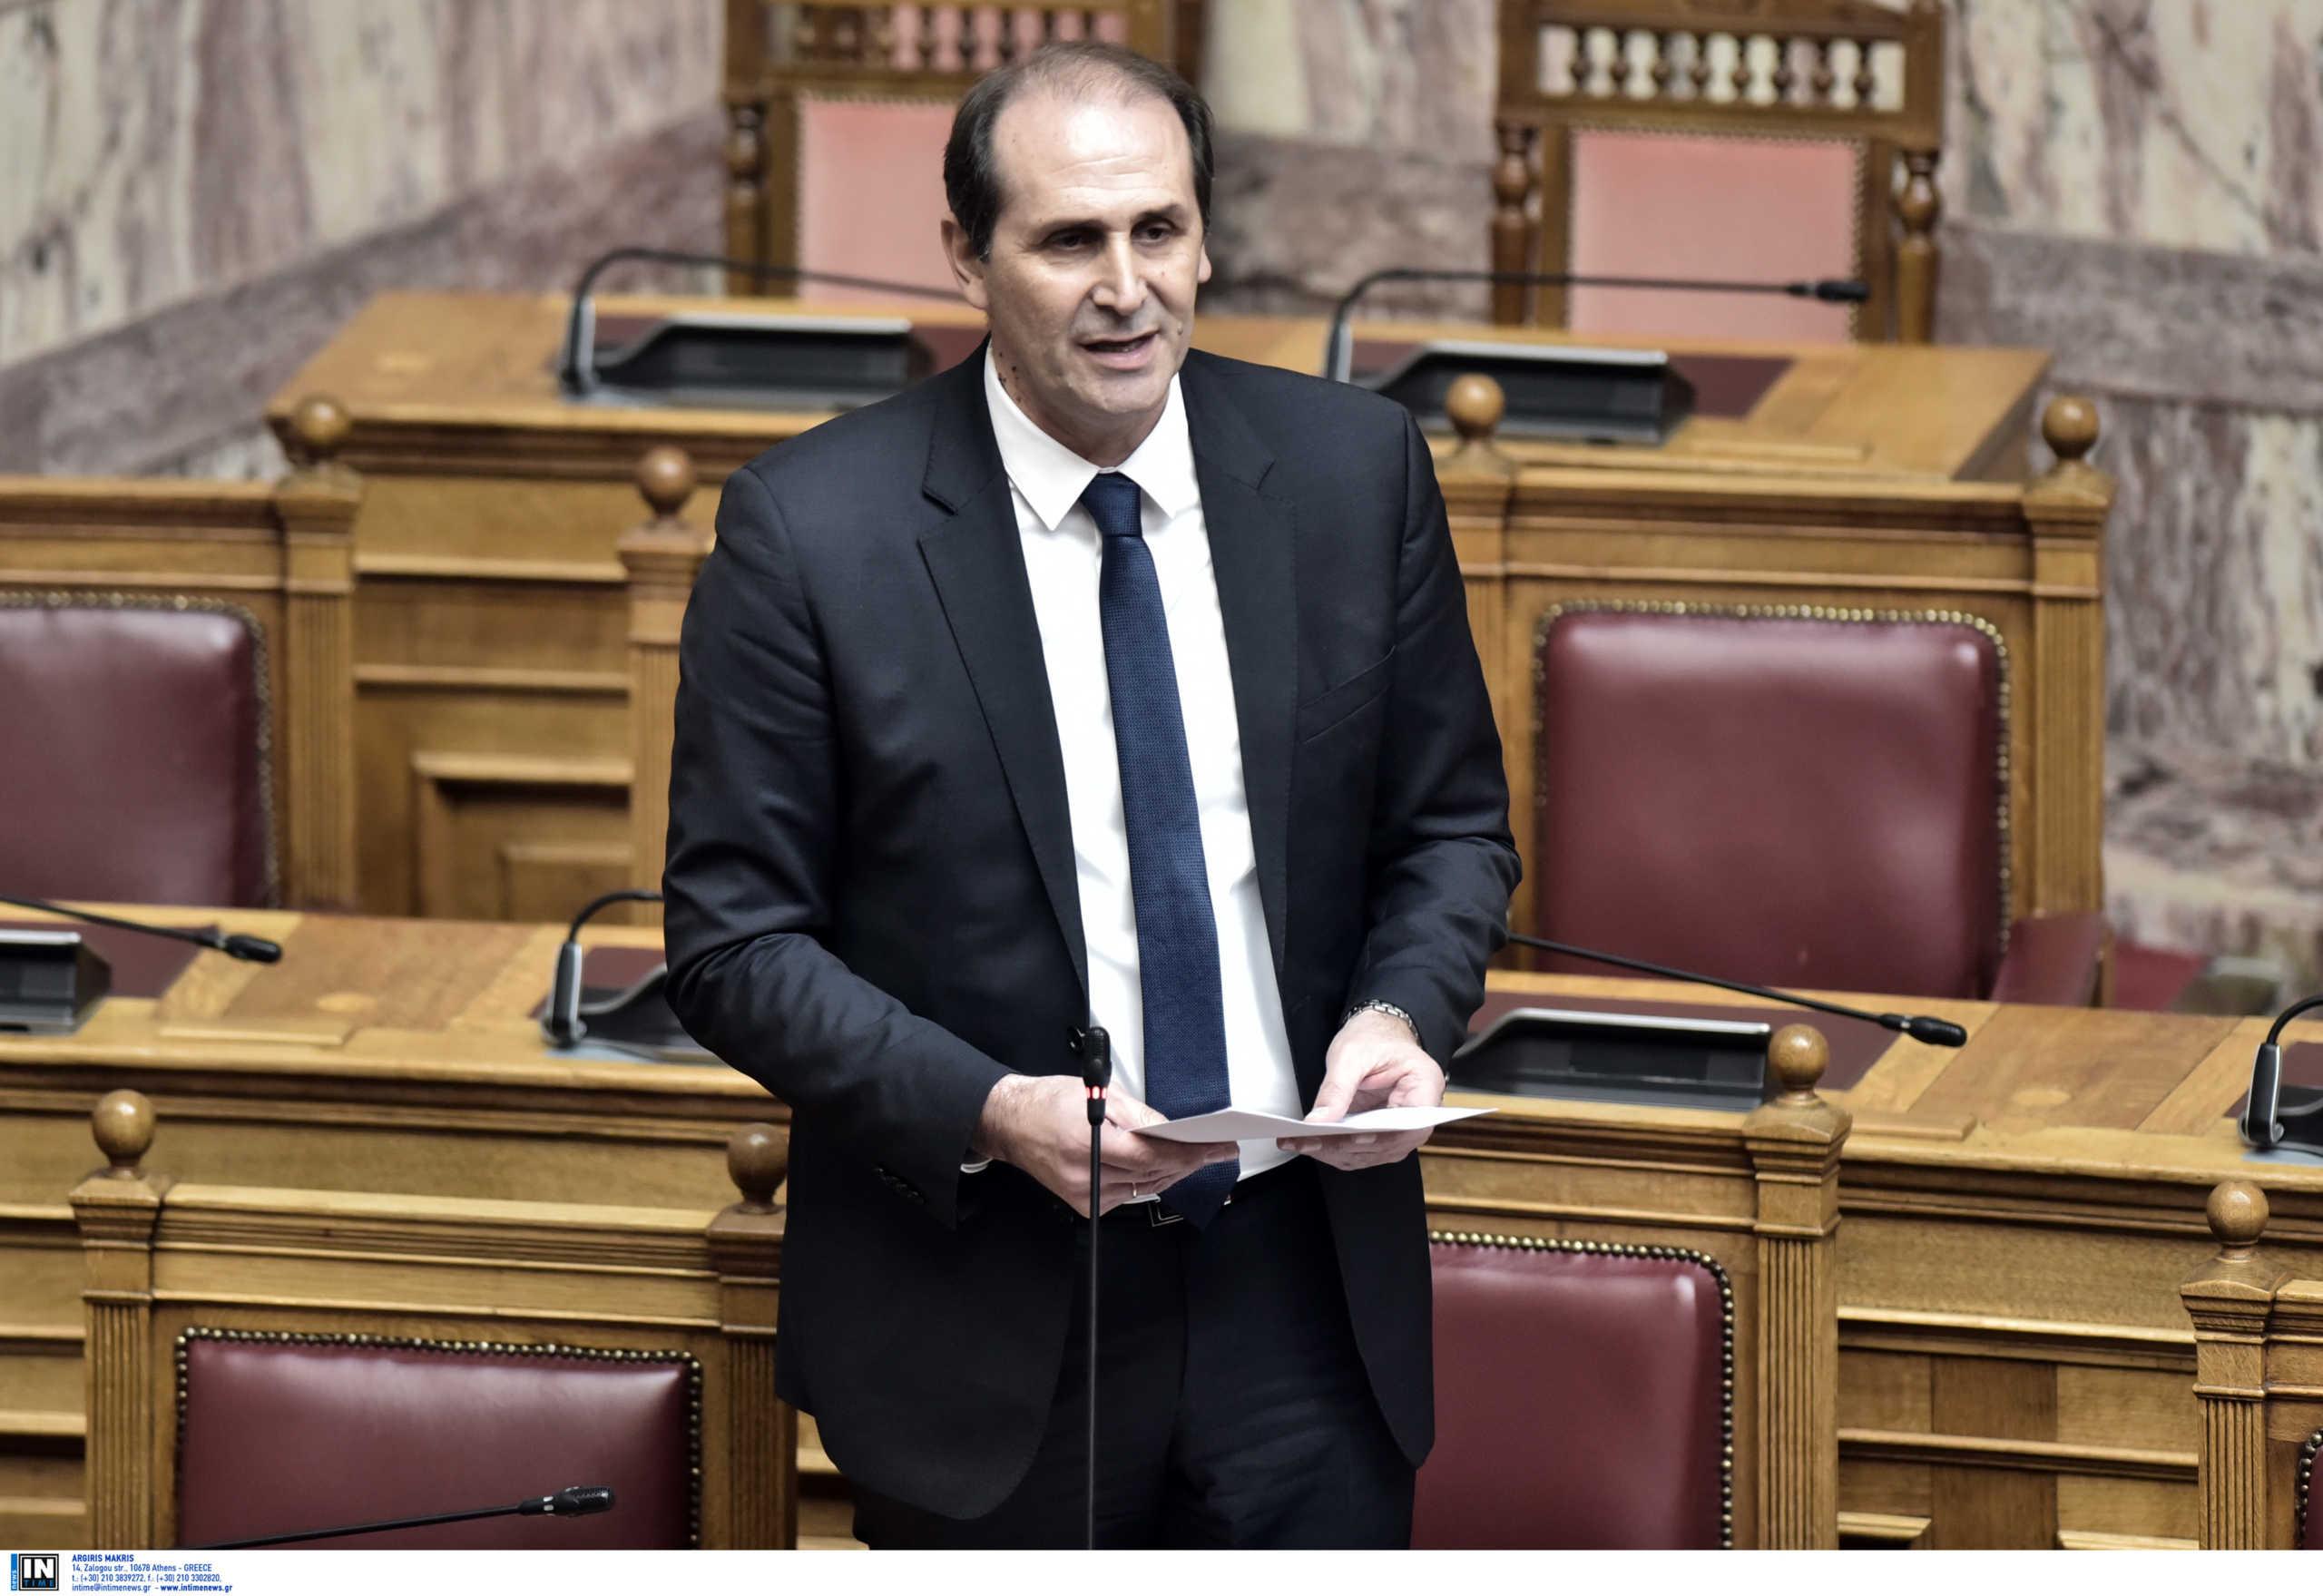 Βεσυρόπουλος: Τέλος τα τεκμήρια - Ρύθμιση για τους ελεύθερους επαγγελματίες